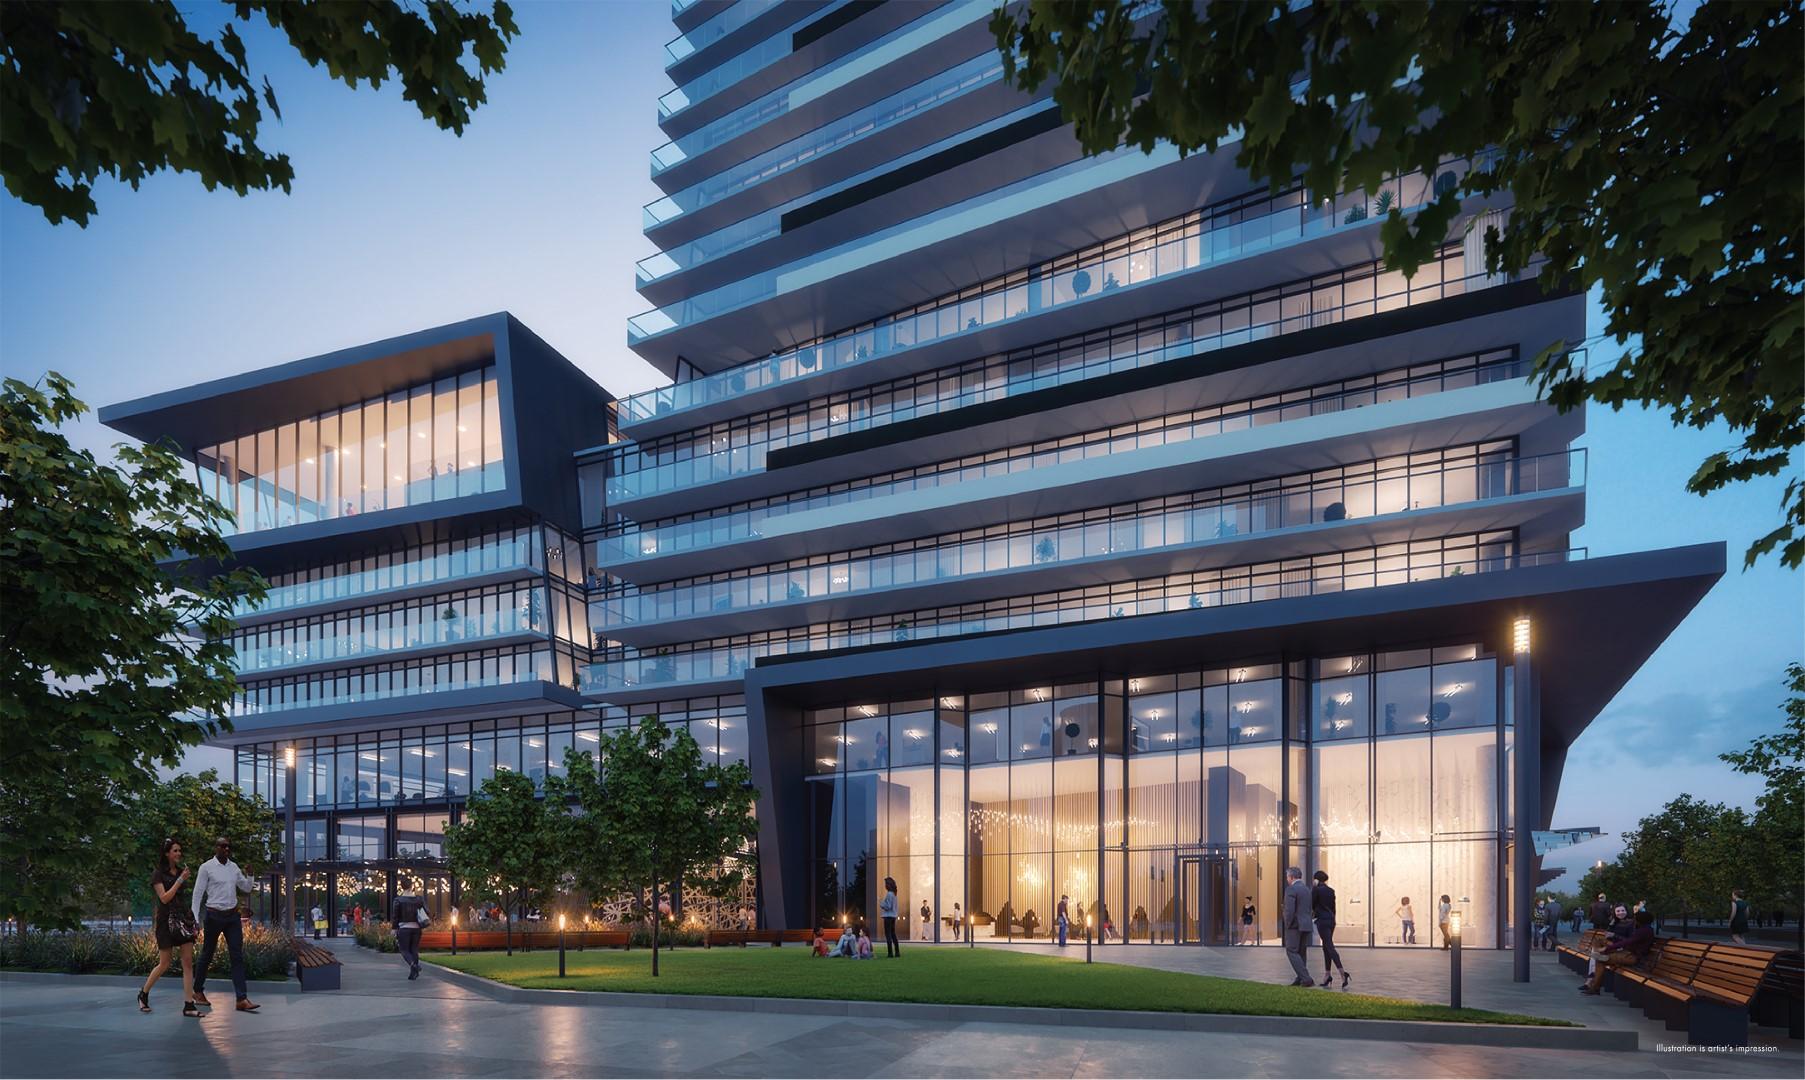 M3 M-city condos rendering of park exterior evening